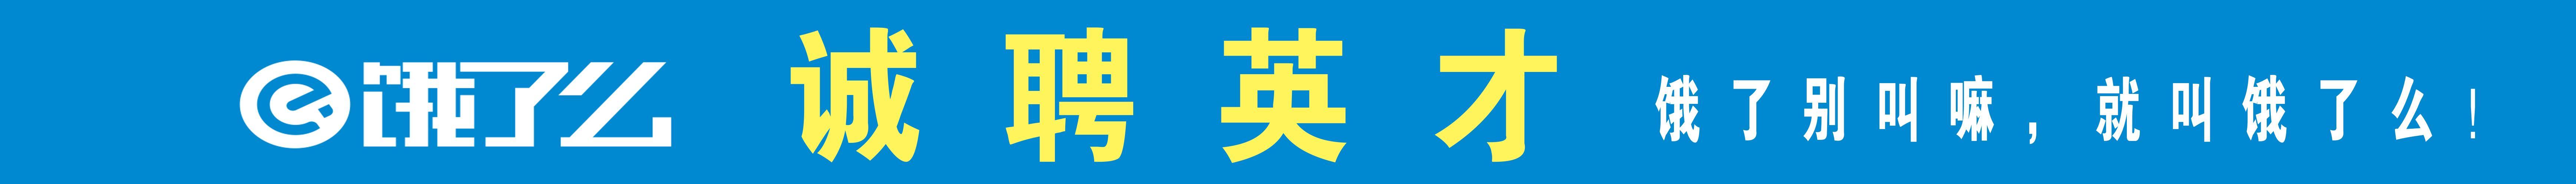 【原阳】河南闪购有限公司